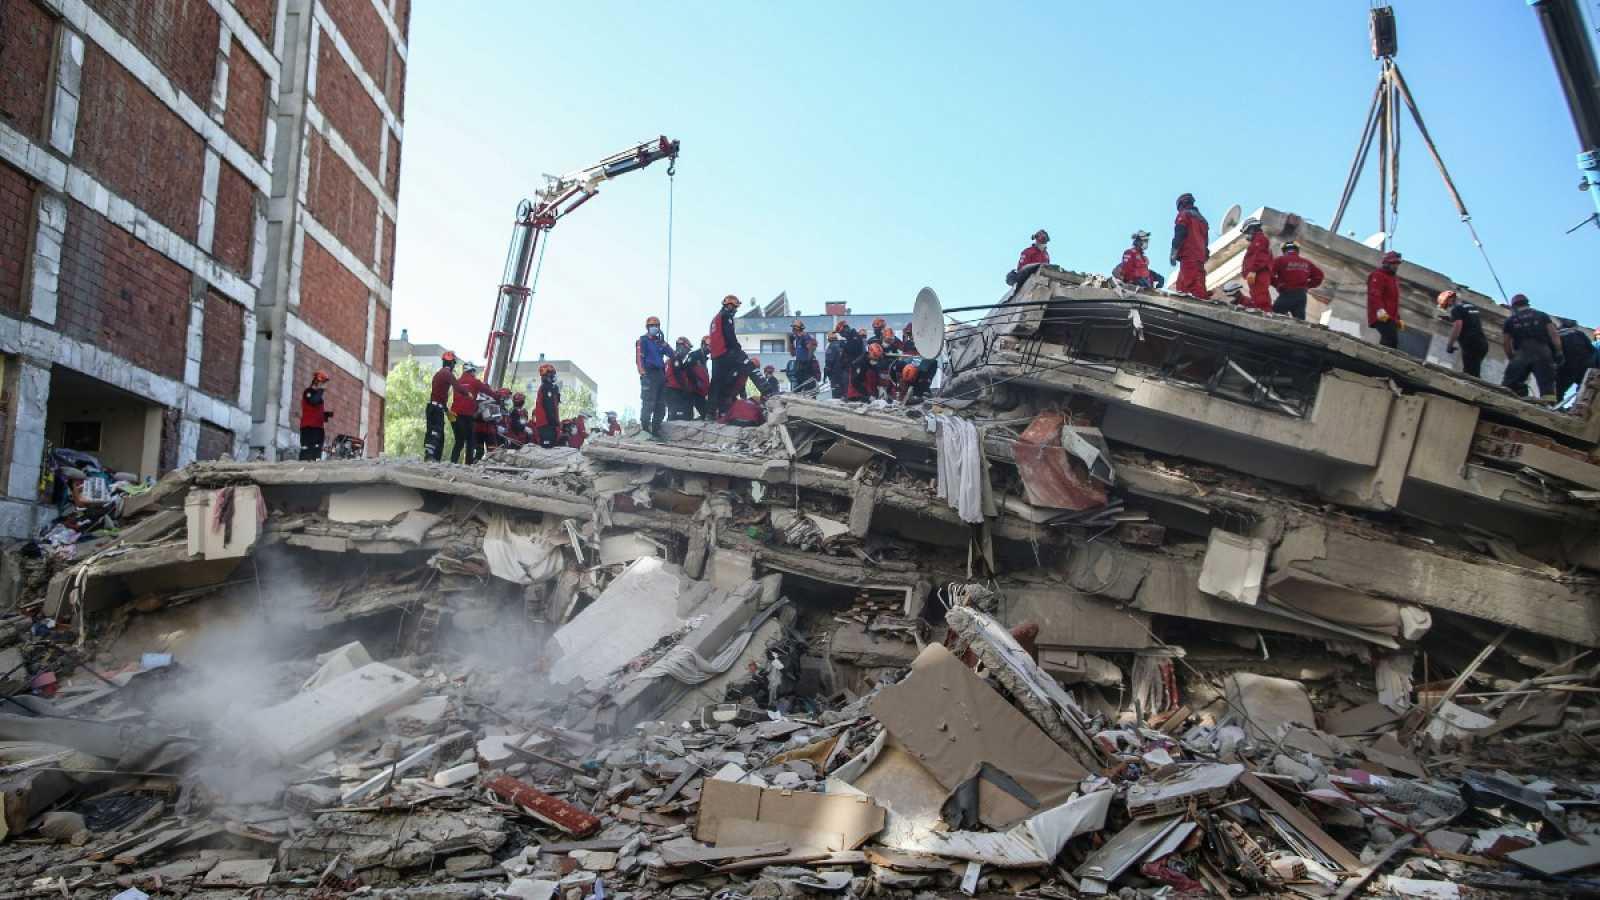 Buscan supervivientes tras el terremoto en Grecia y Turquía mientras se elevan los fallecidos